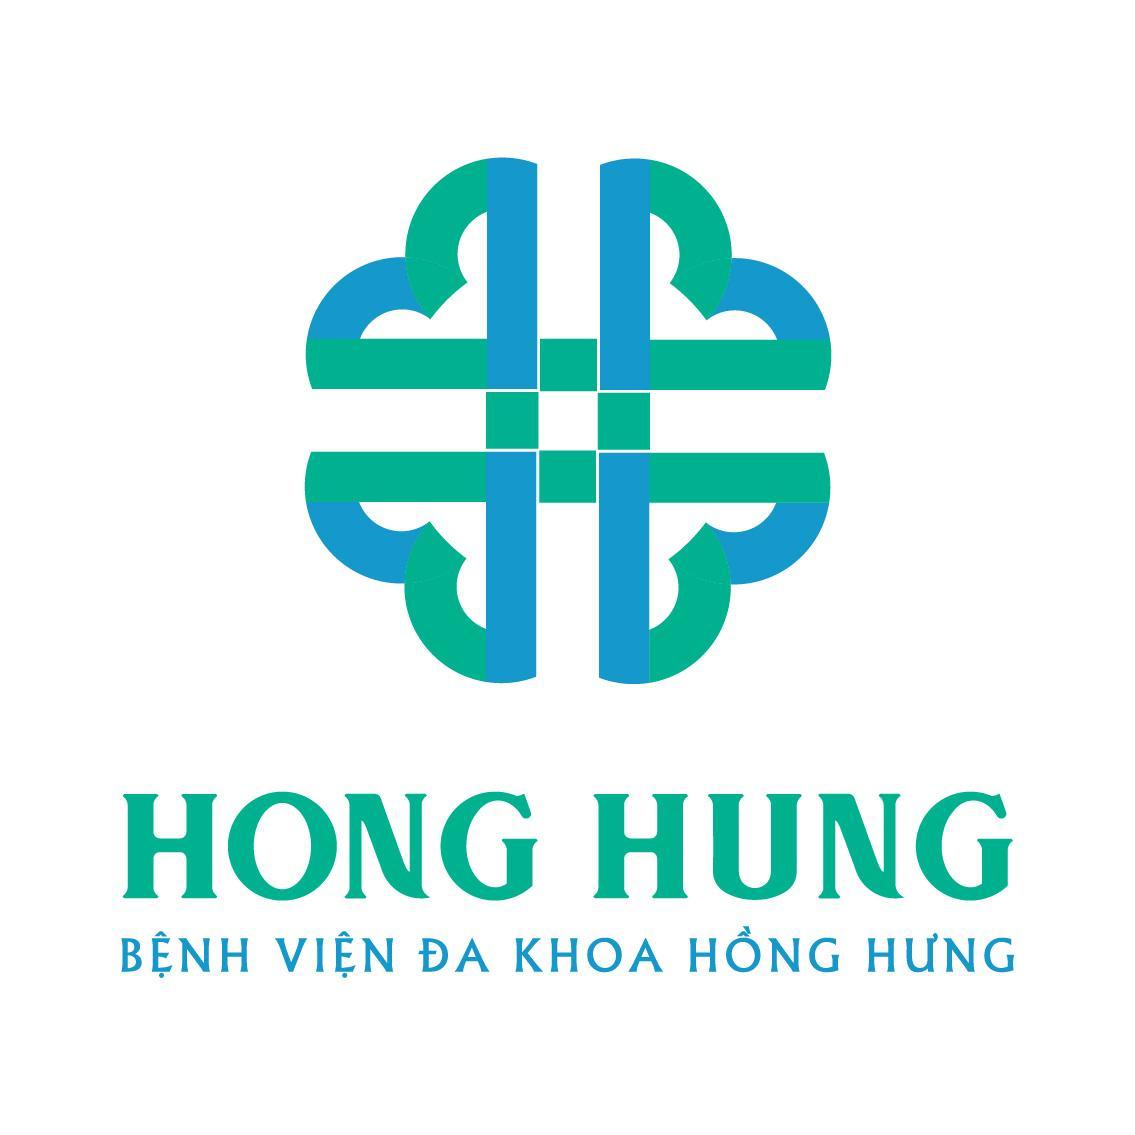 Hong Hung Hospital